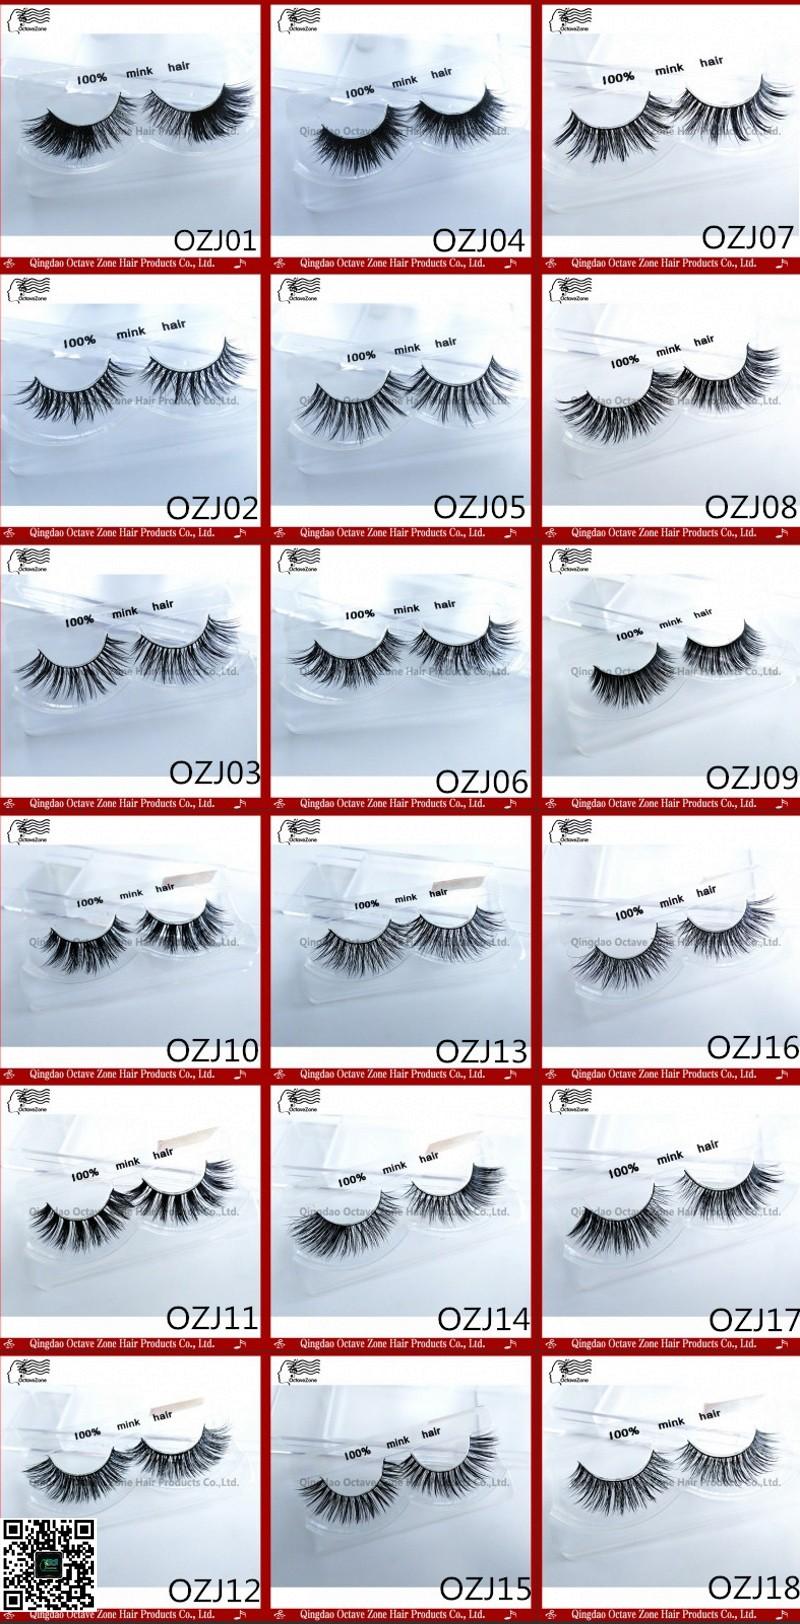 2a60c112815 False Eyelashes Manufacturer Real Mink Strips Eyelashes With Custom Package  Custom Eyelash Box